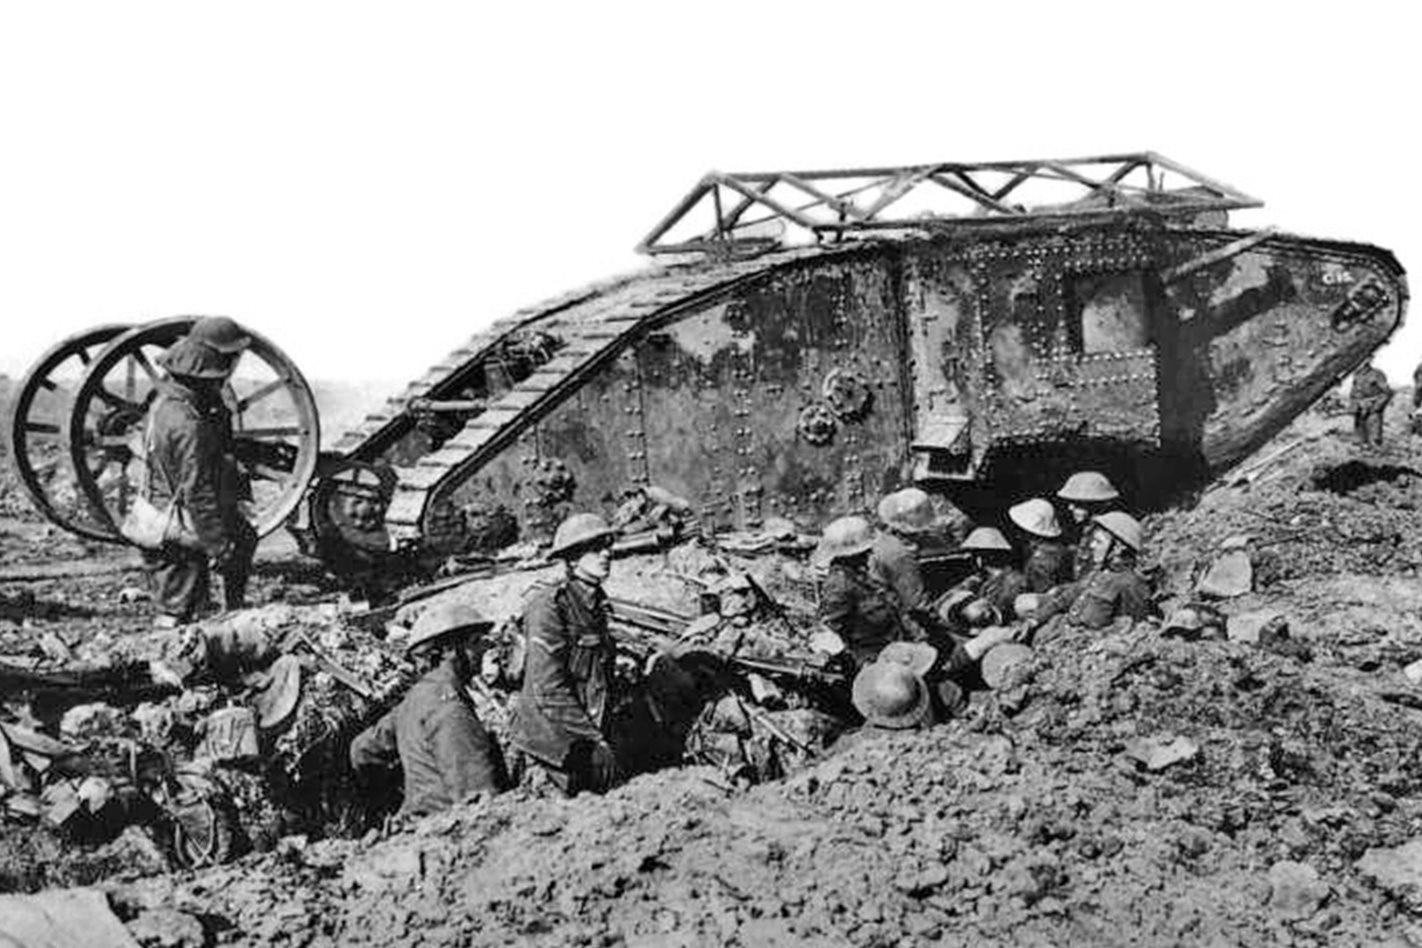 British-Mark-1-tank-engine-in-battle.jpg